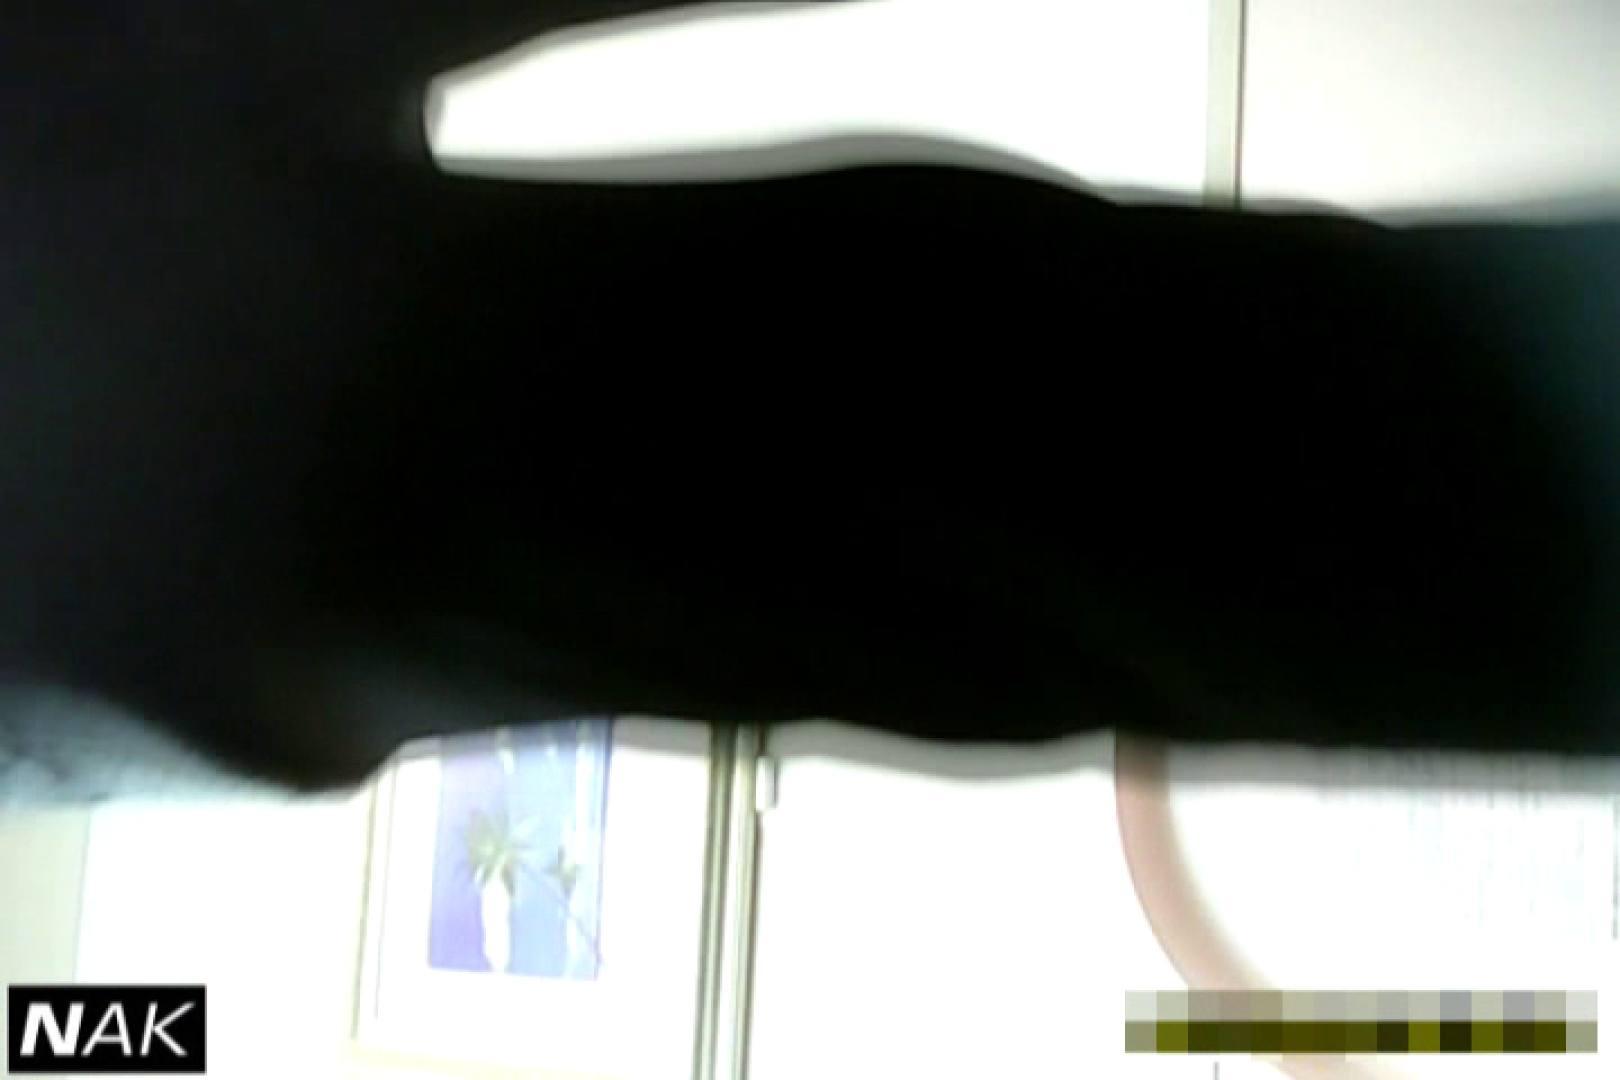 超高画質5000K!脅威の1点集中かわや! vol.01 高画質 おめこ無修正画像 93PIX 24